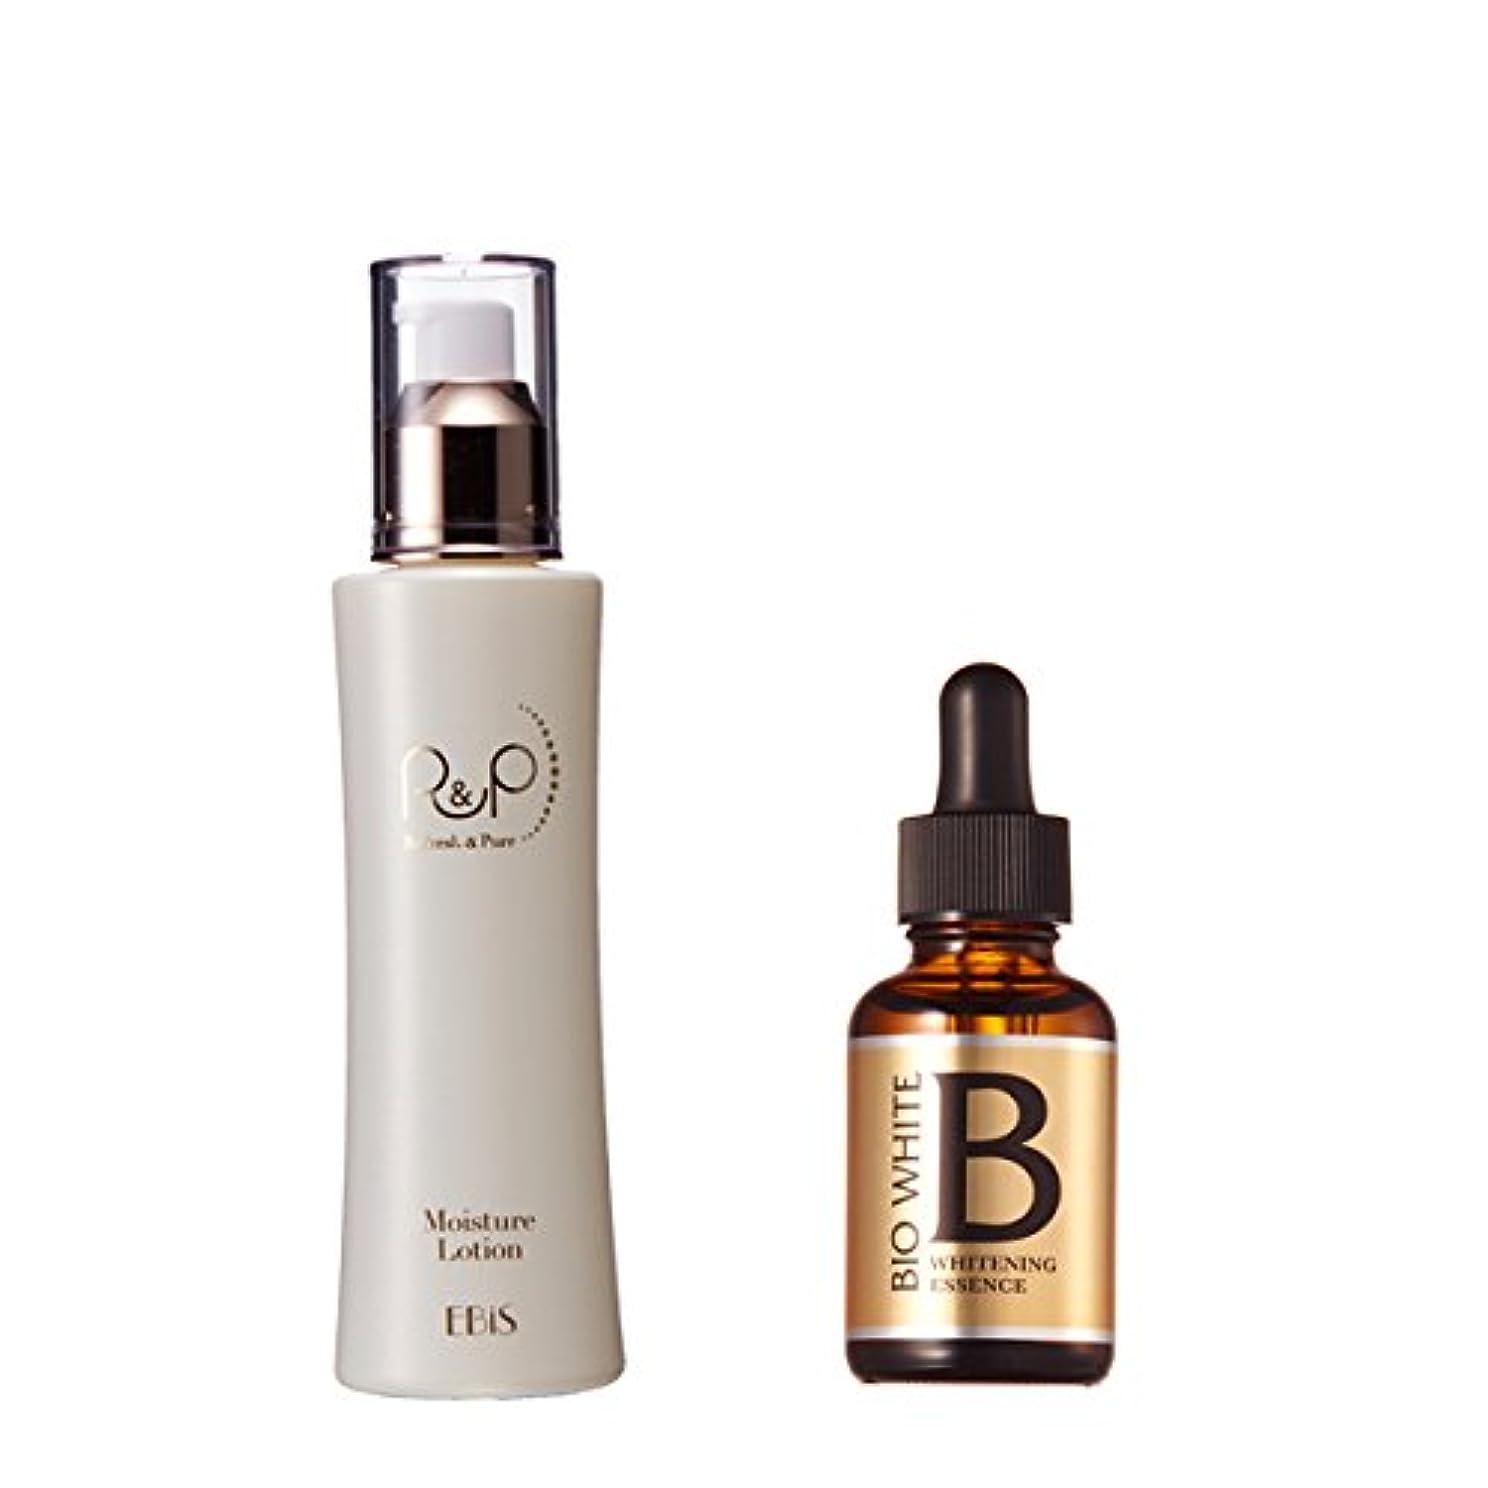 エビス化粧品(EBiS) 【ビーホワイト33ml】+【モイスチャーローション125ml】セット 化粧水&美白